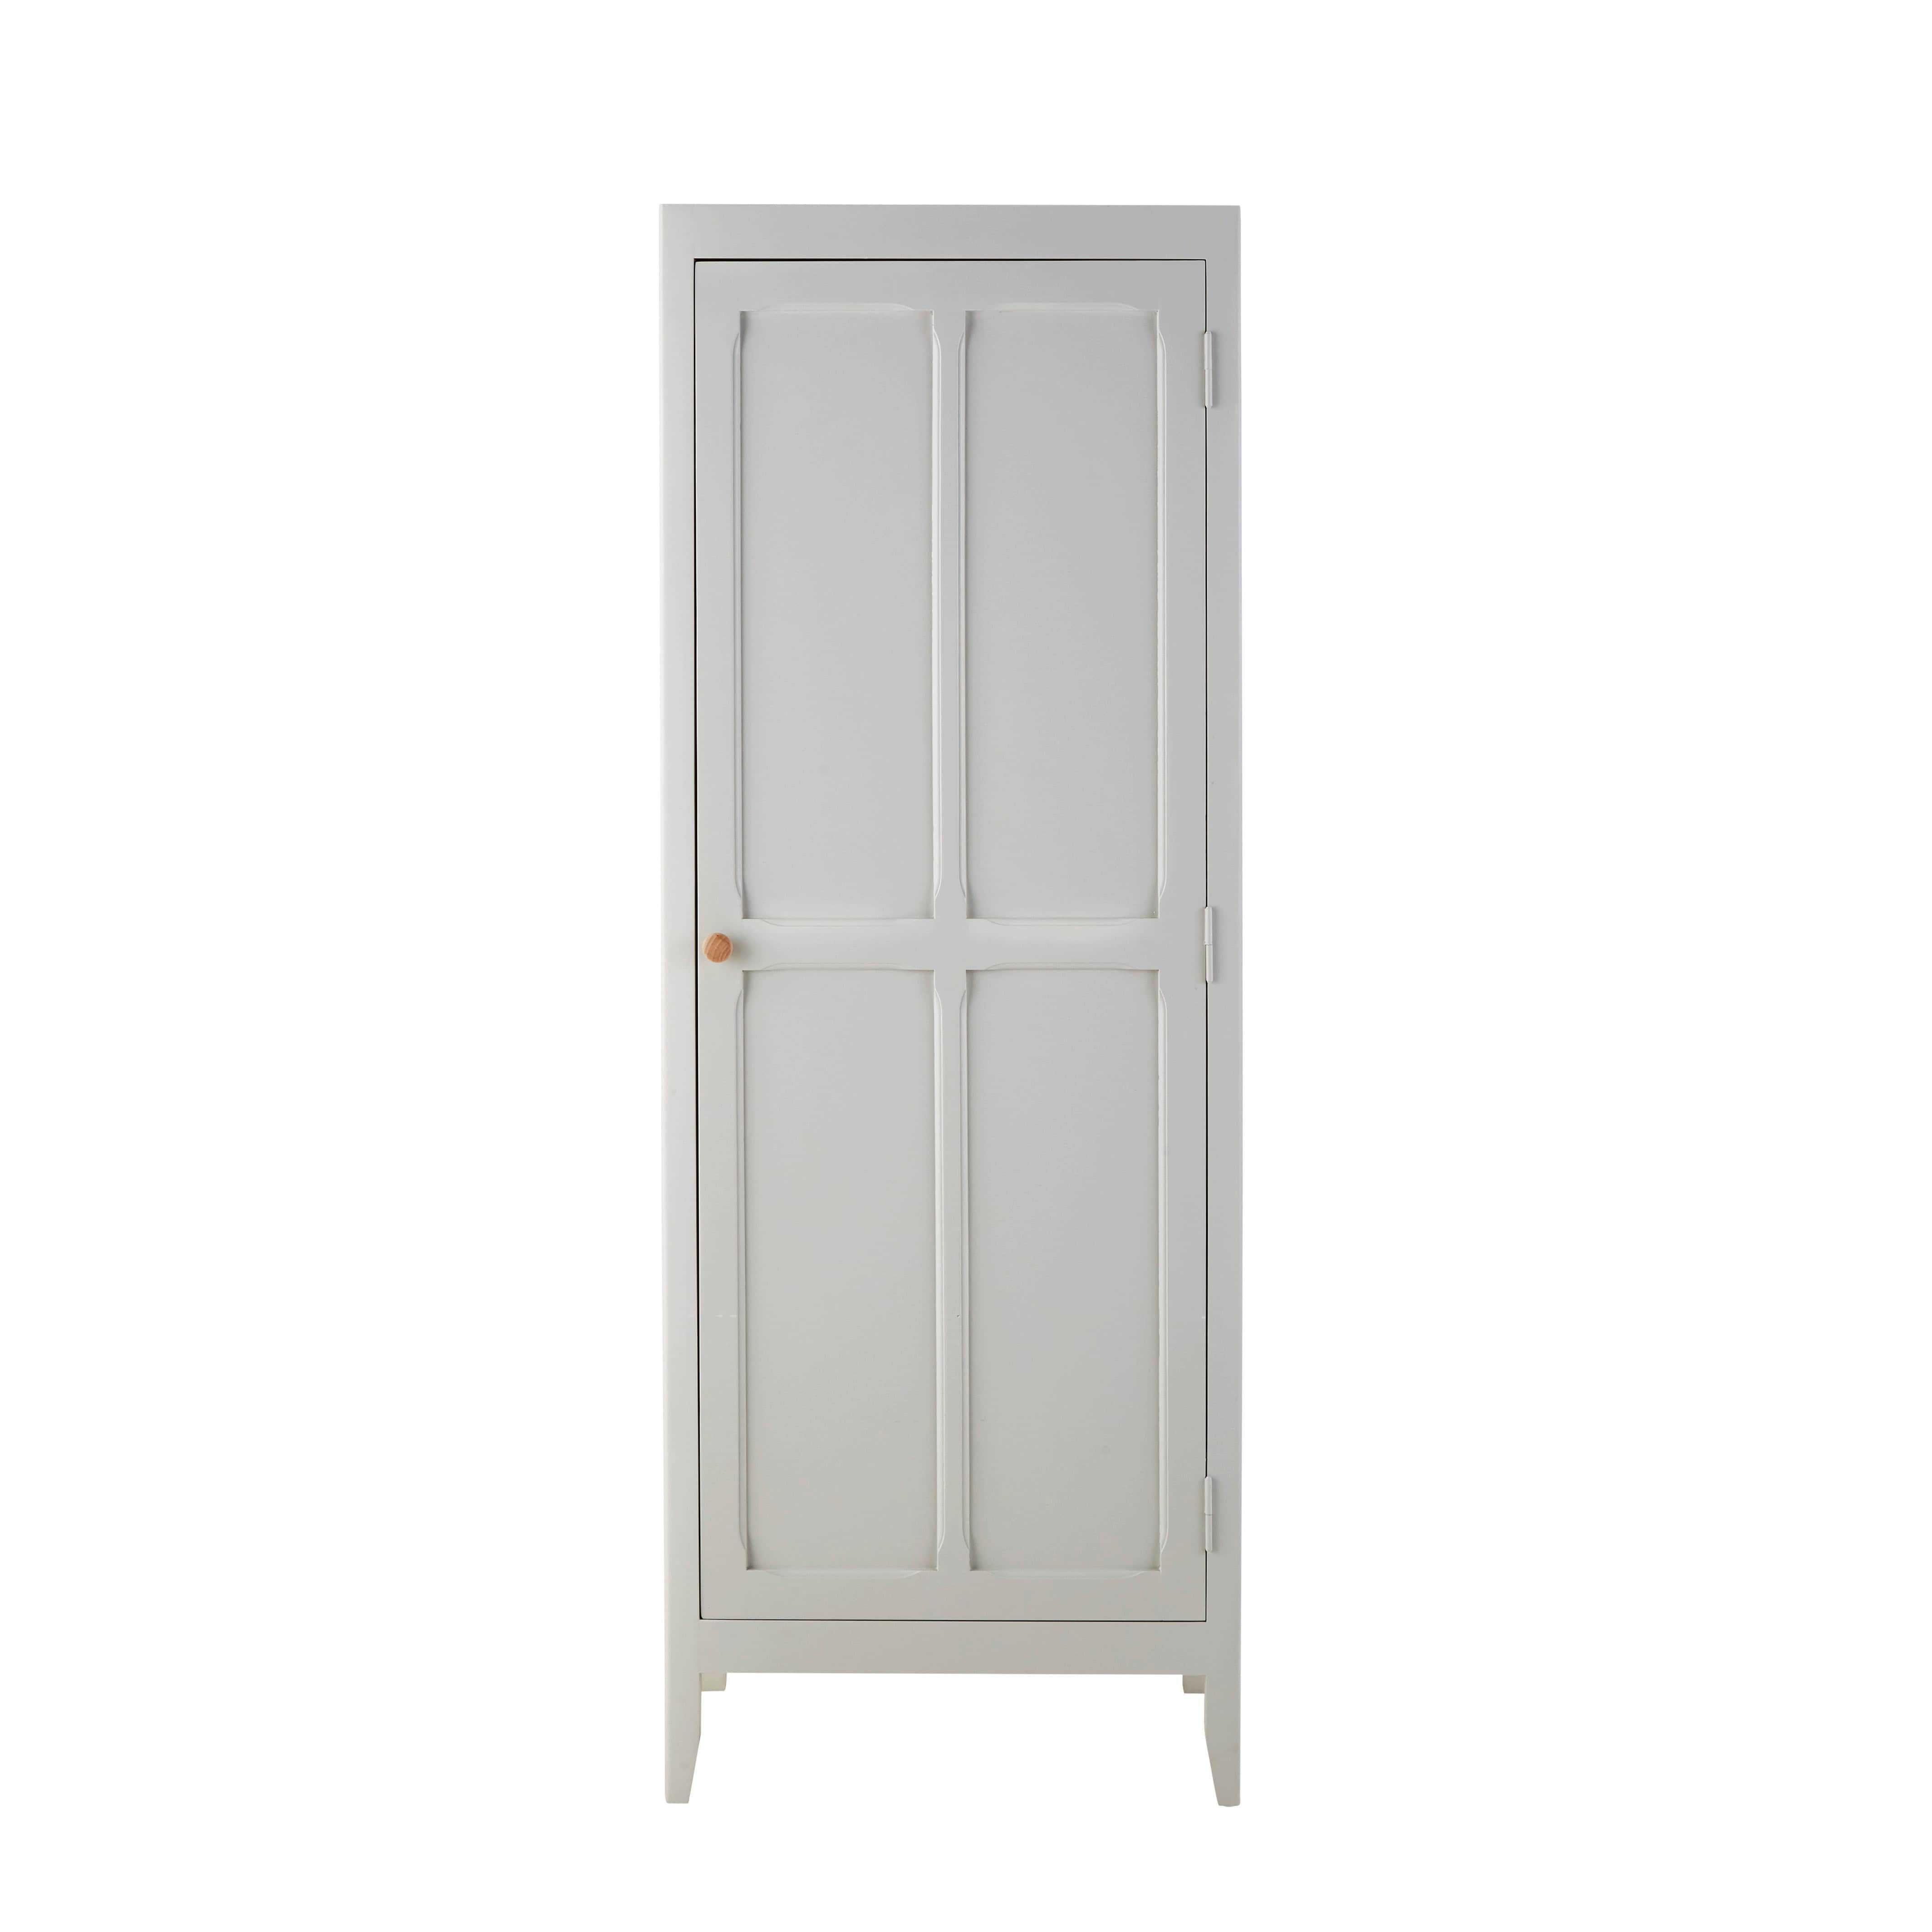 Armoire Et Dressing dressing en pin gris | bedroom : 2 bibous! | pinterest | armoire